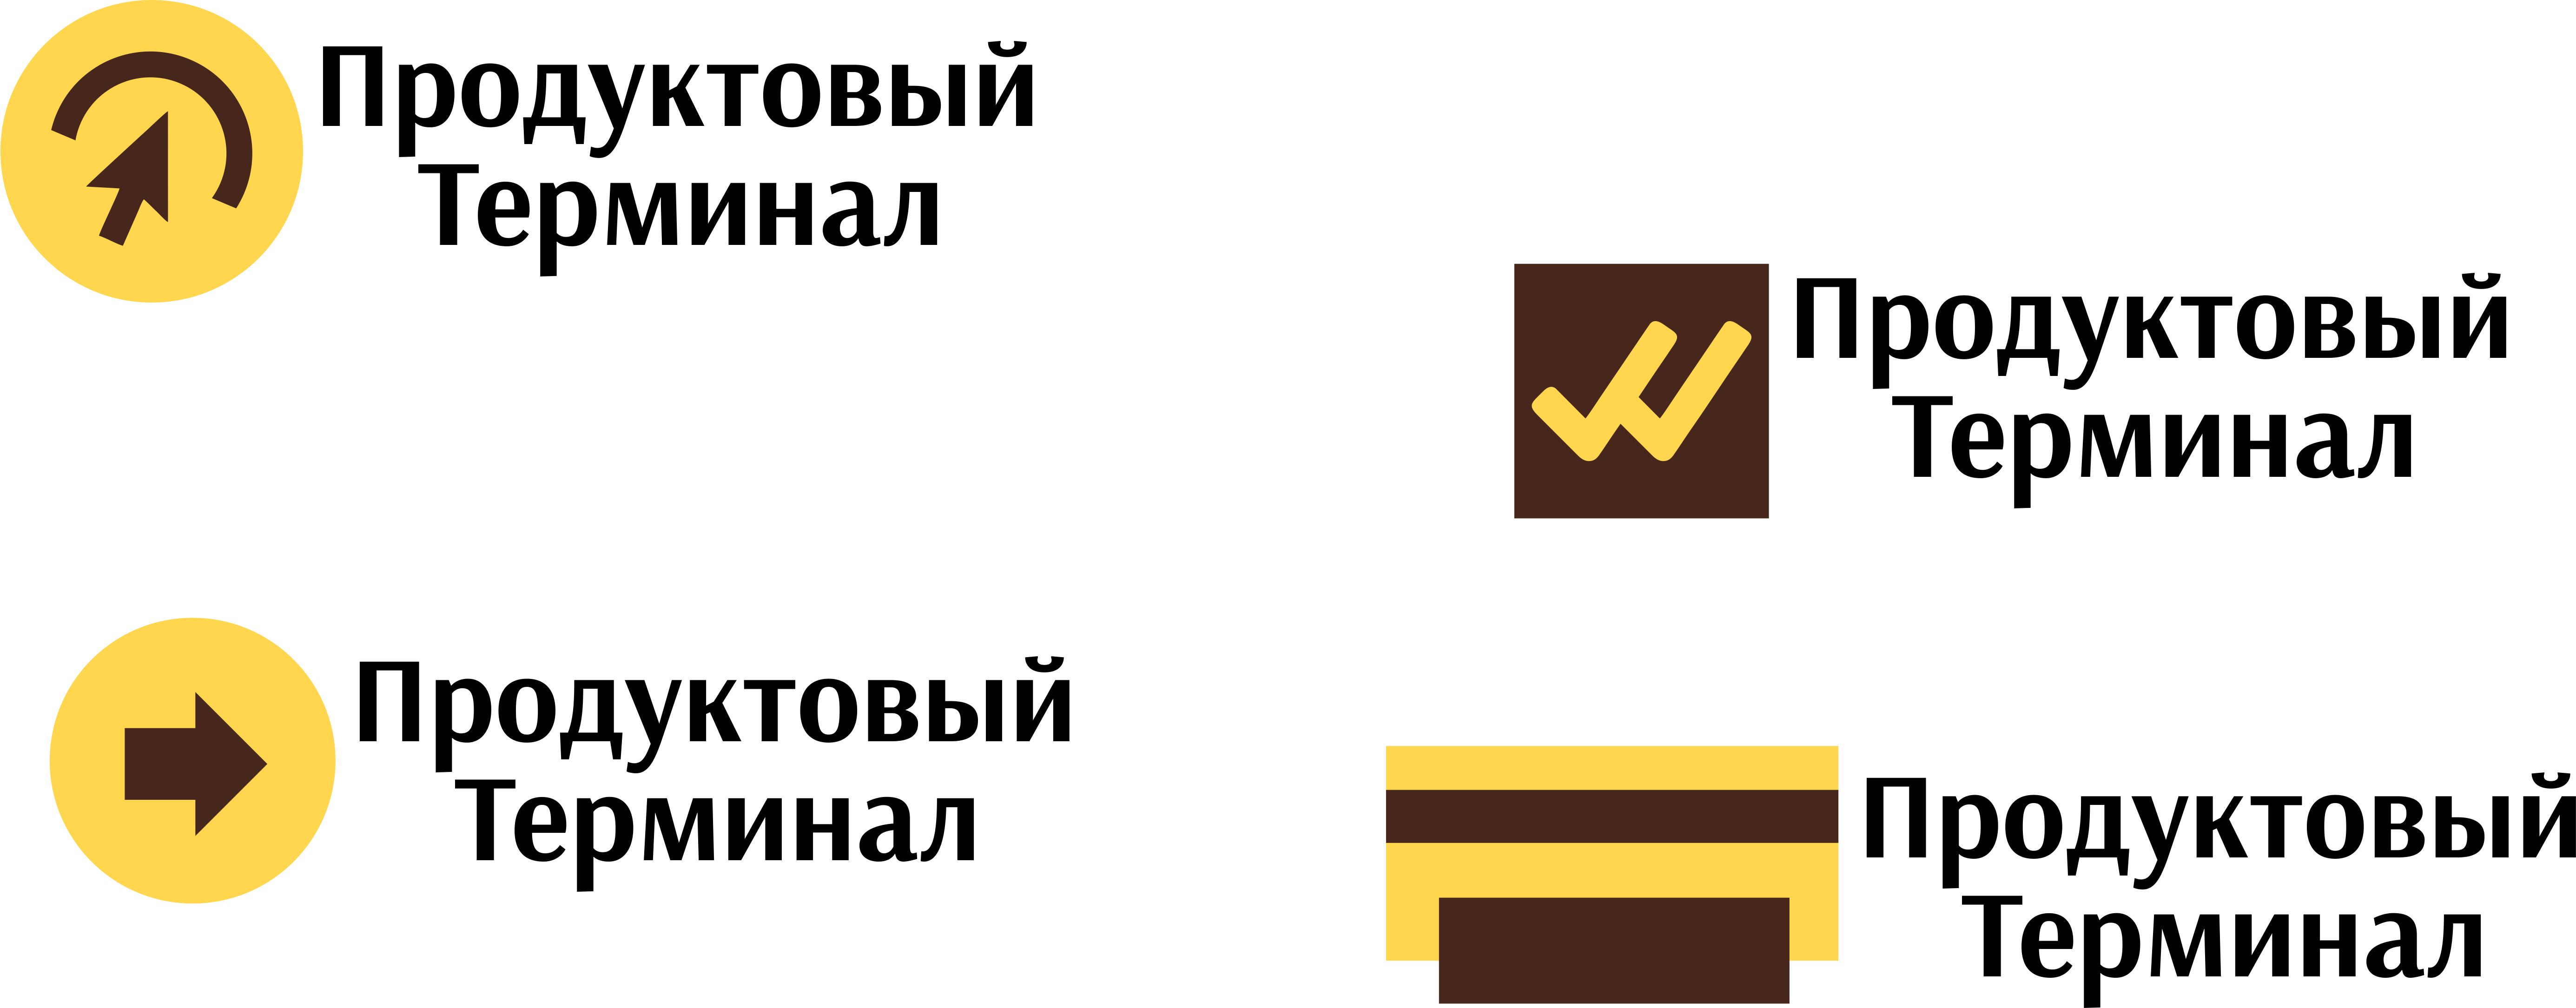 Логотип для сети продуктовых магазинов фото f_65156f95f32bcea5.png